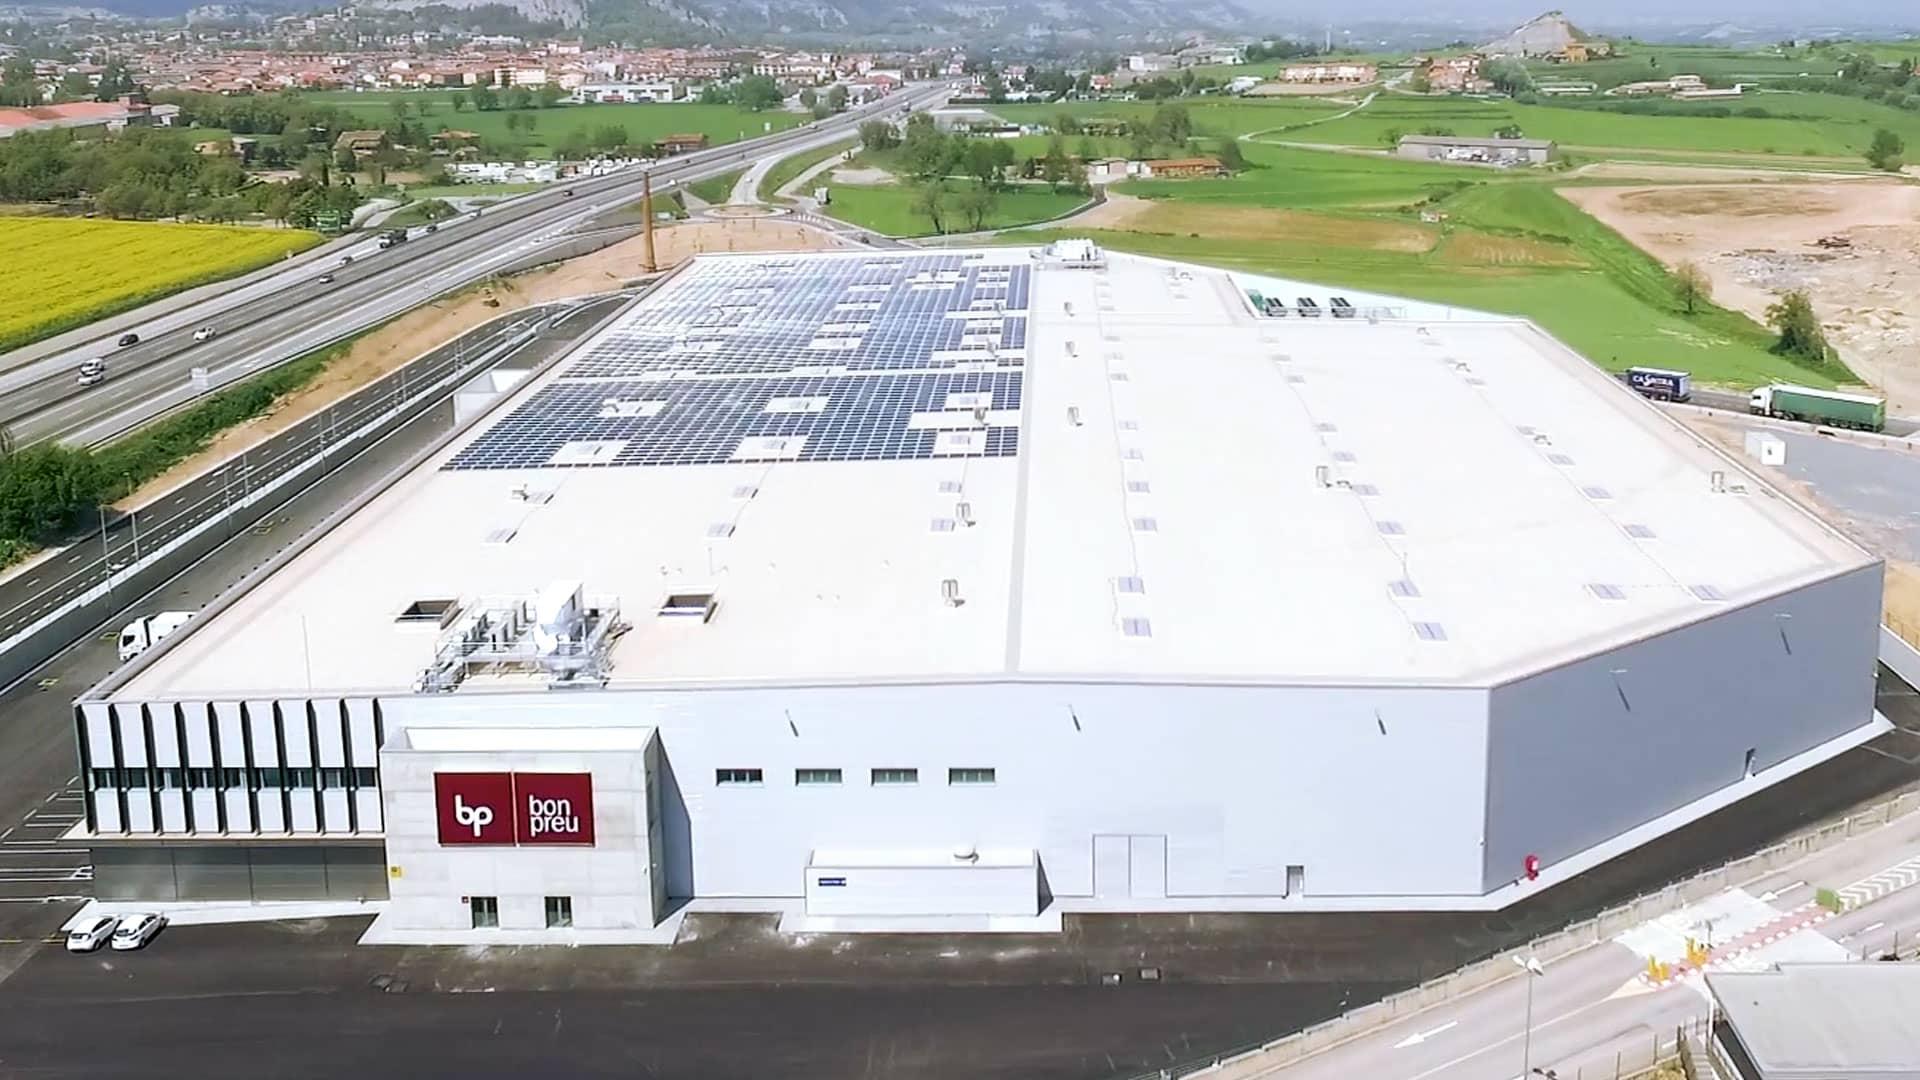 El nuevo almacén de BON PREU cuenta con la instalación de autoconsumo fotovoltaico más grande de Cataluña